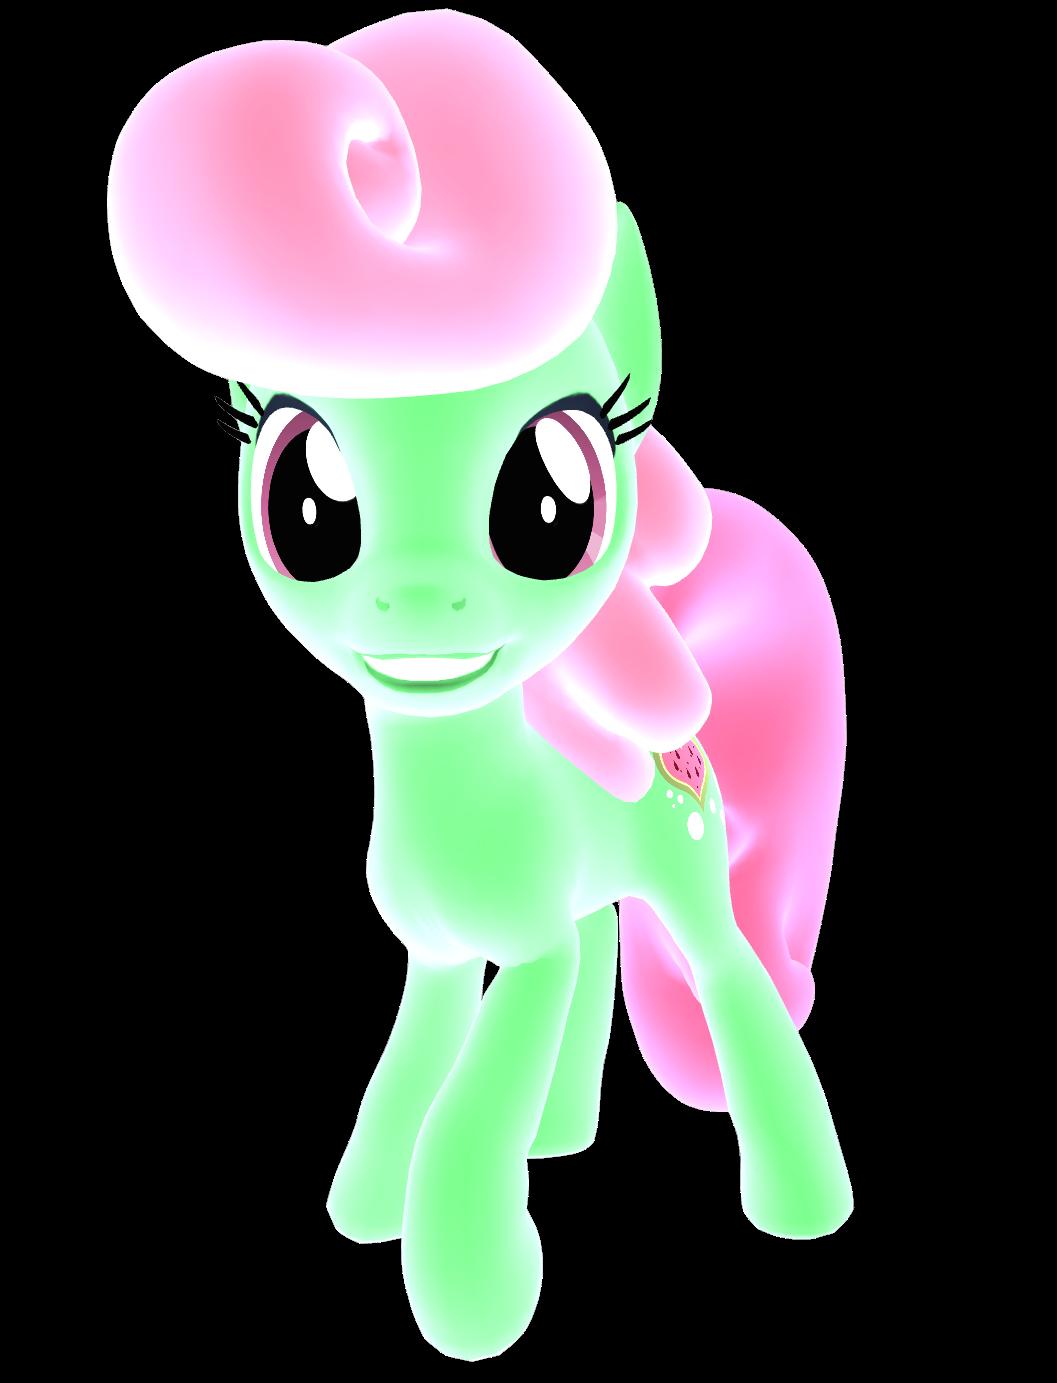 Watermelon Pony by iLucky7